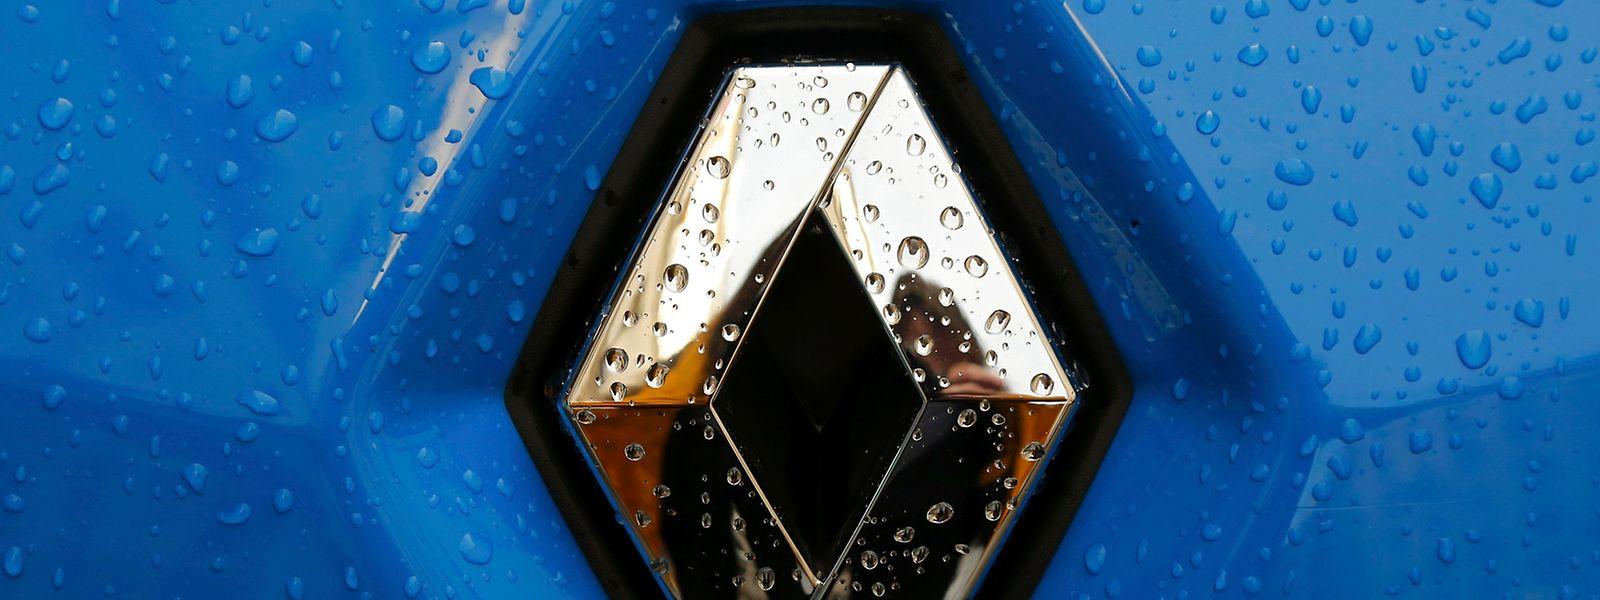 Renault war am Donnerstag im Visier der Ermittler.